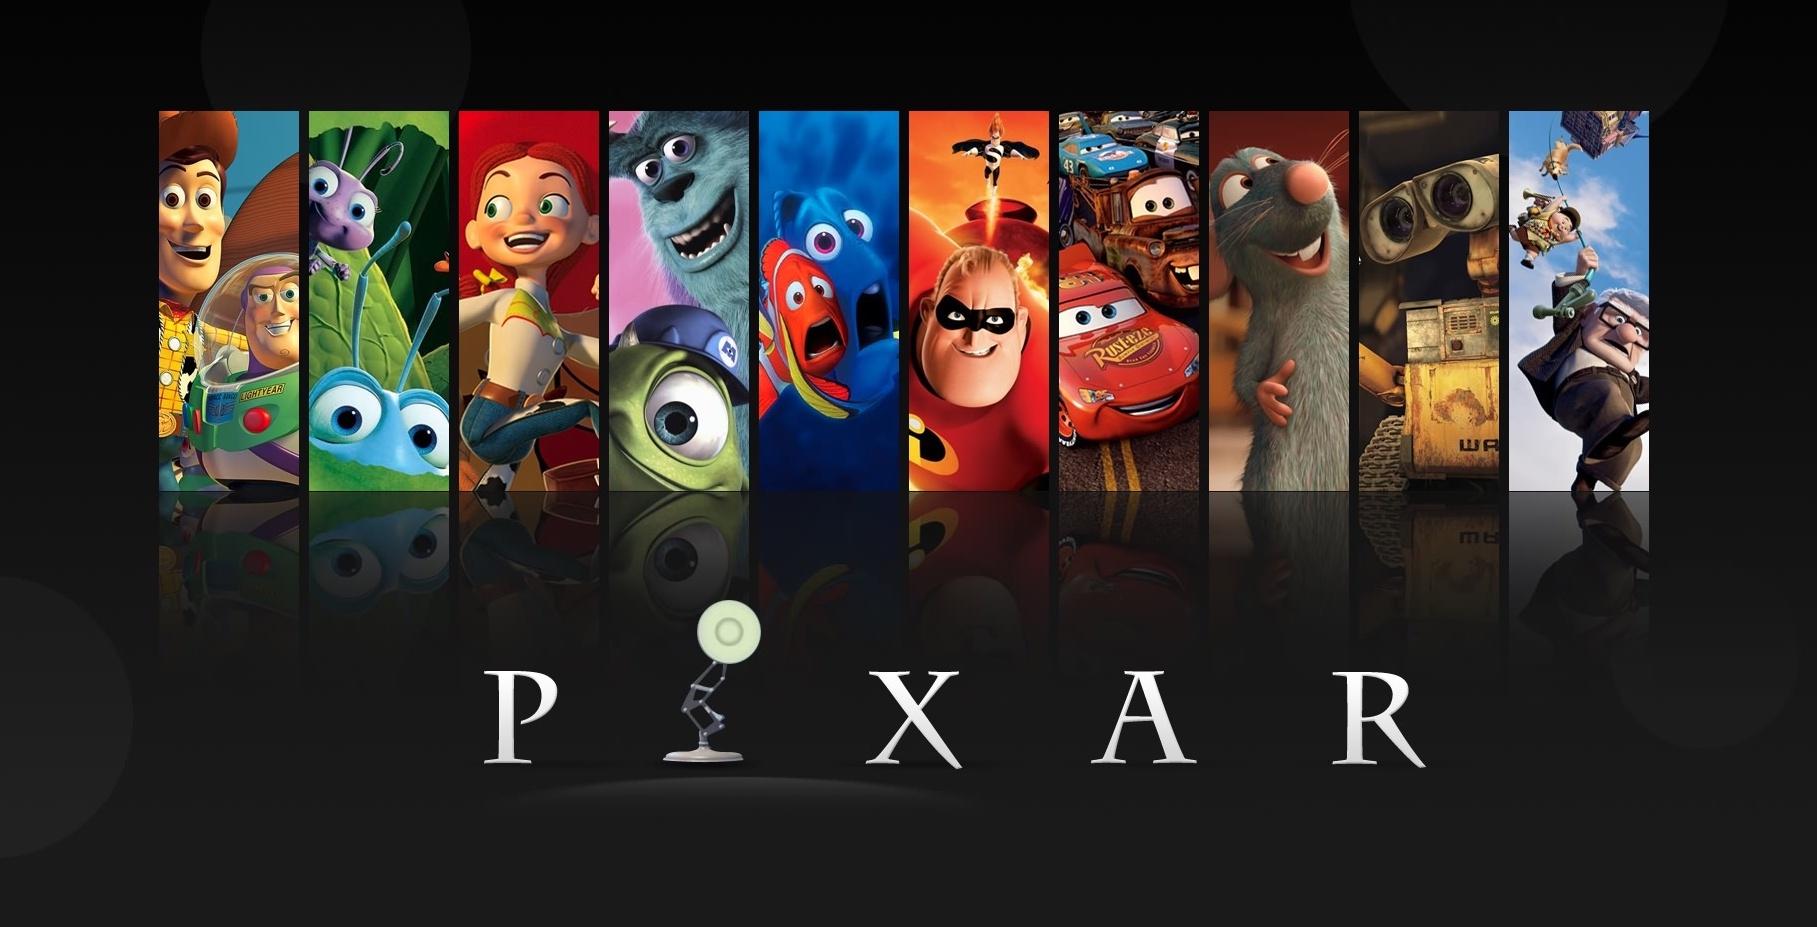 Le Top 10 des films d'animation Pixar  : Les génies de la lampe.